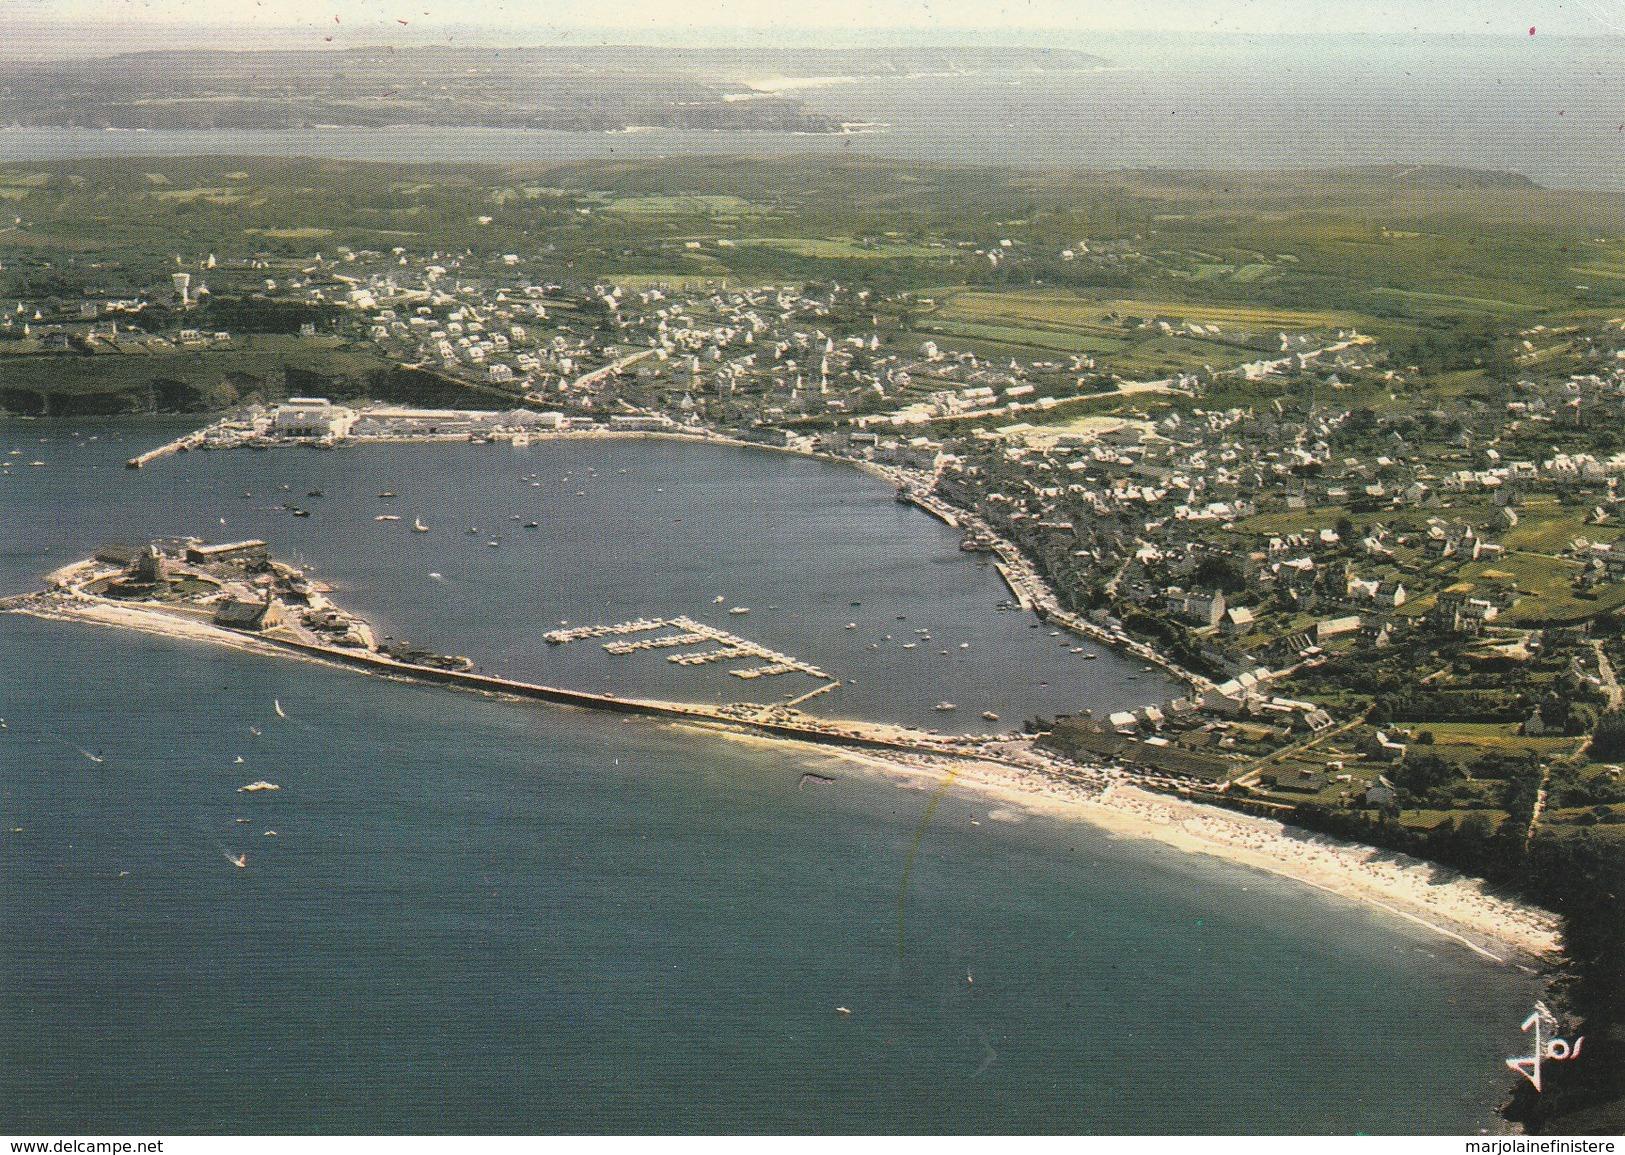 CPM - Dép. 29 - CAMARET ( Finistère) -Vue Générale Du Port Et La Pointe De Toulinguet. Ed. D'Art JOS Le Doaré. N° 9-1112 - Camaret-sur-Mer